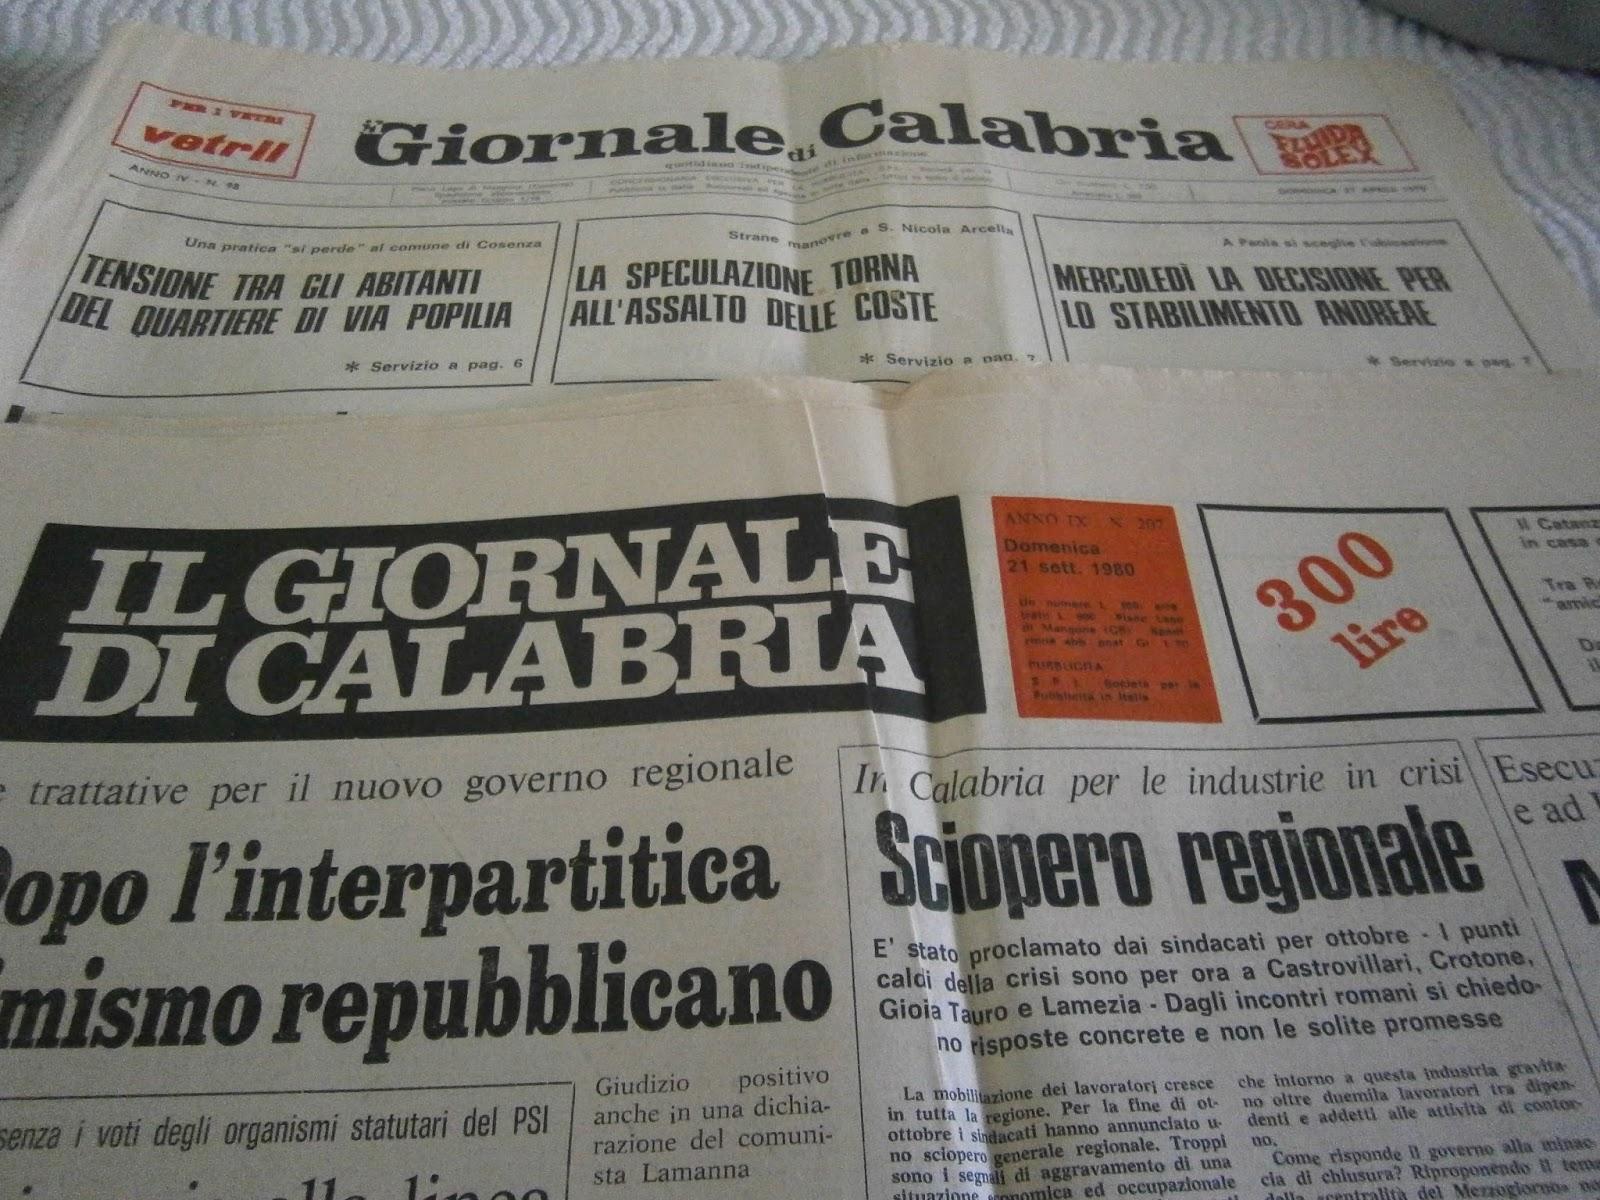 giornale di calabria platinum - photo#38